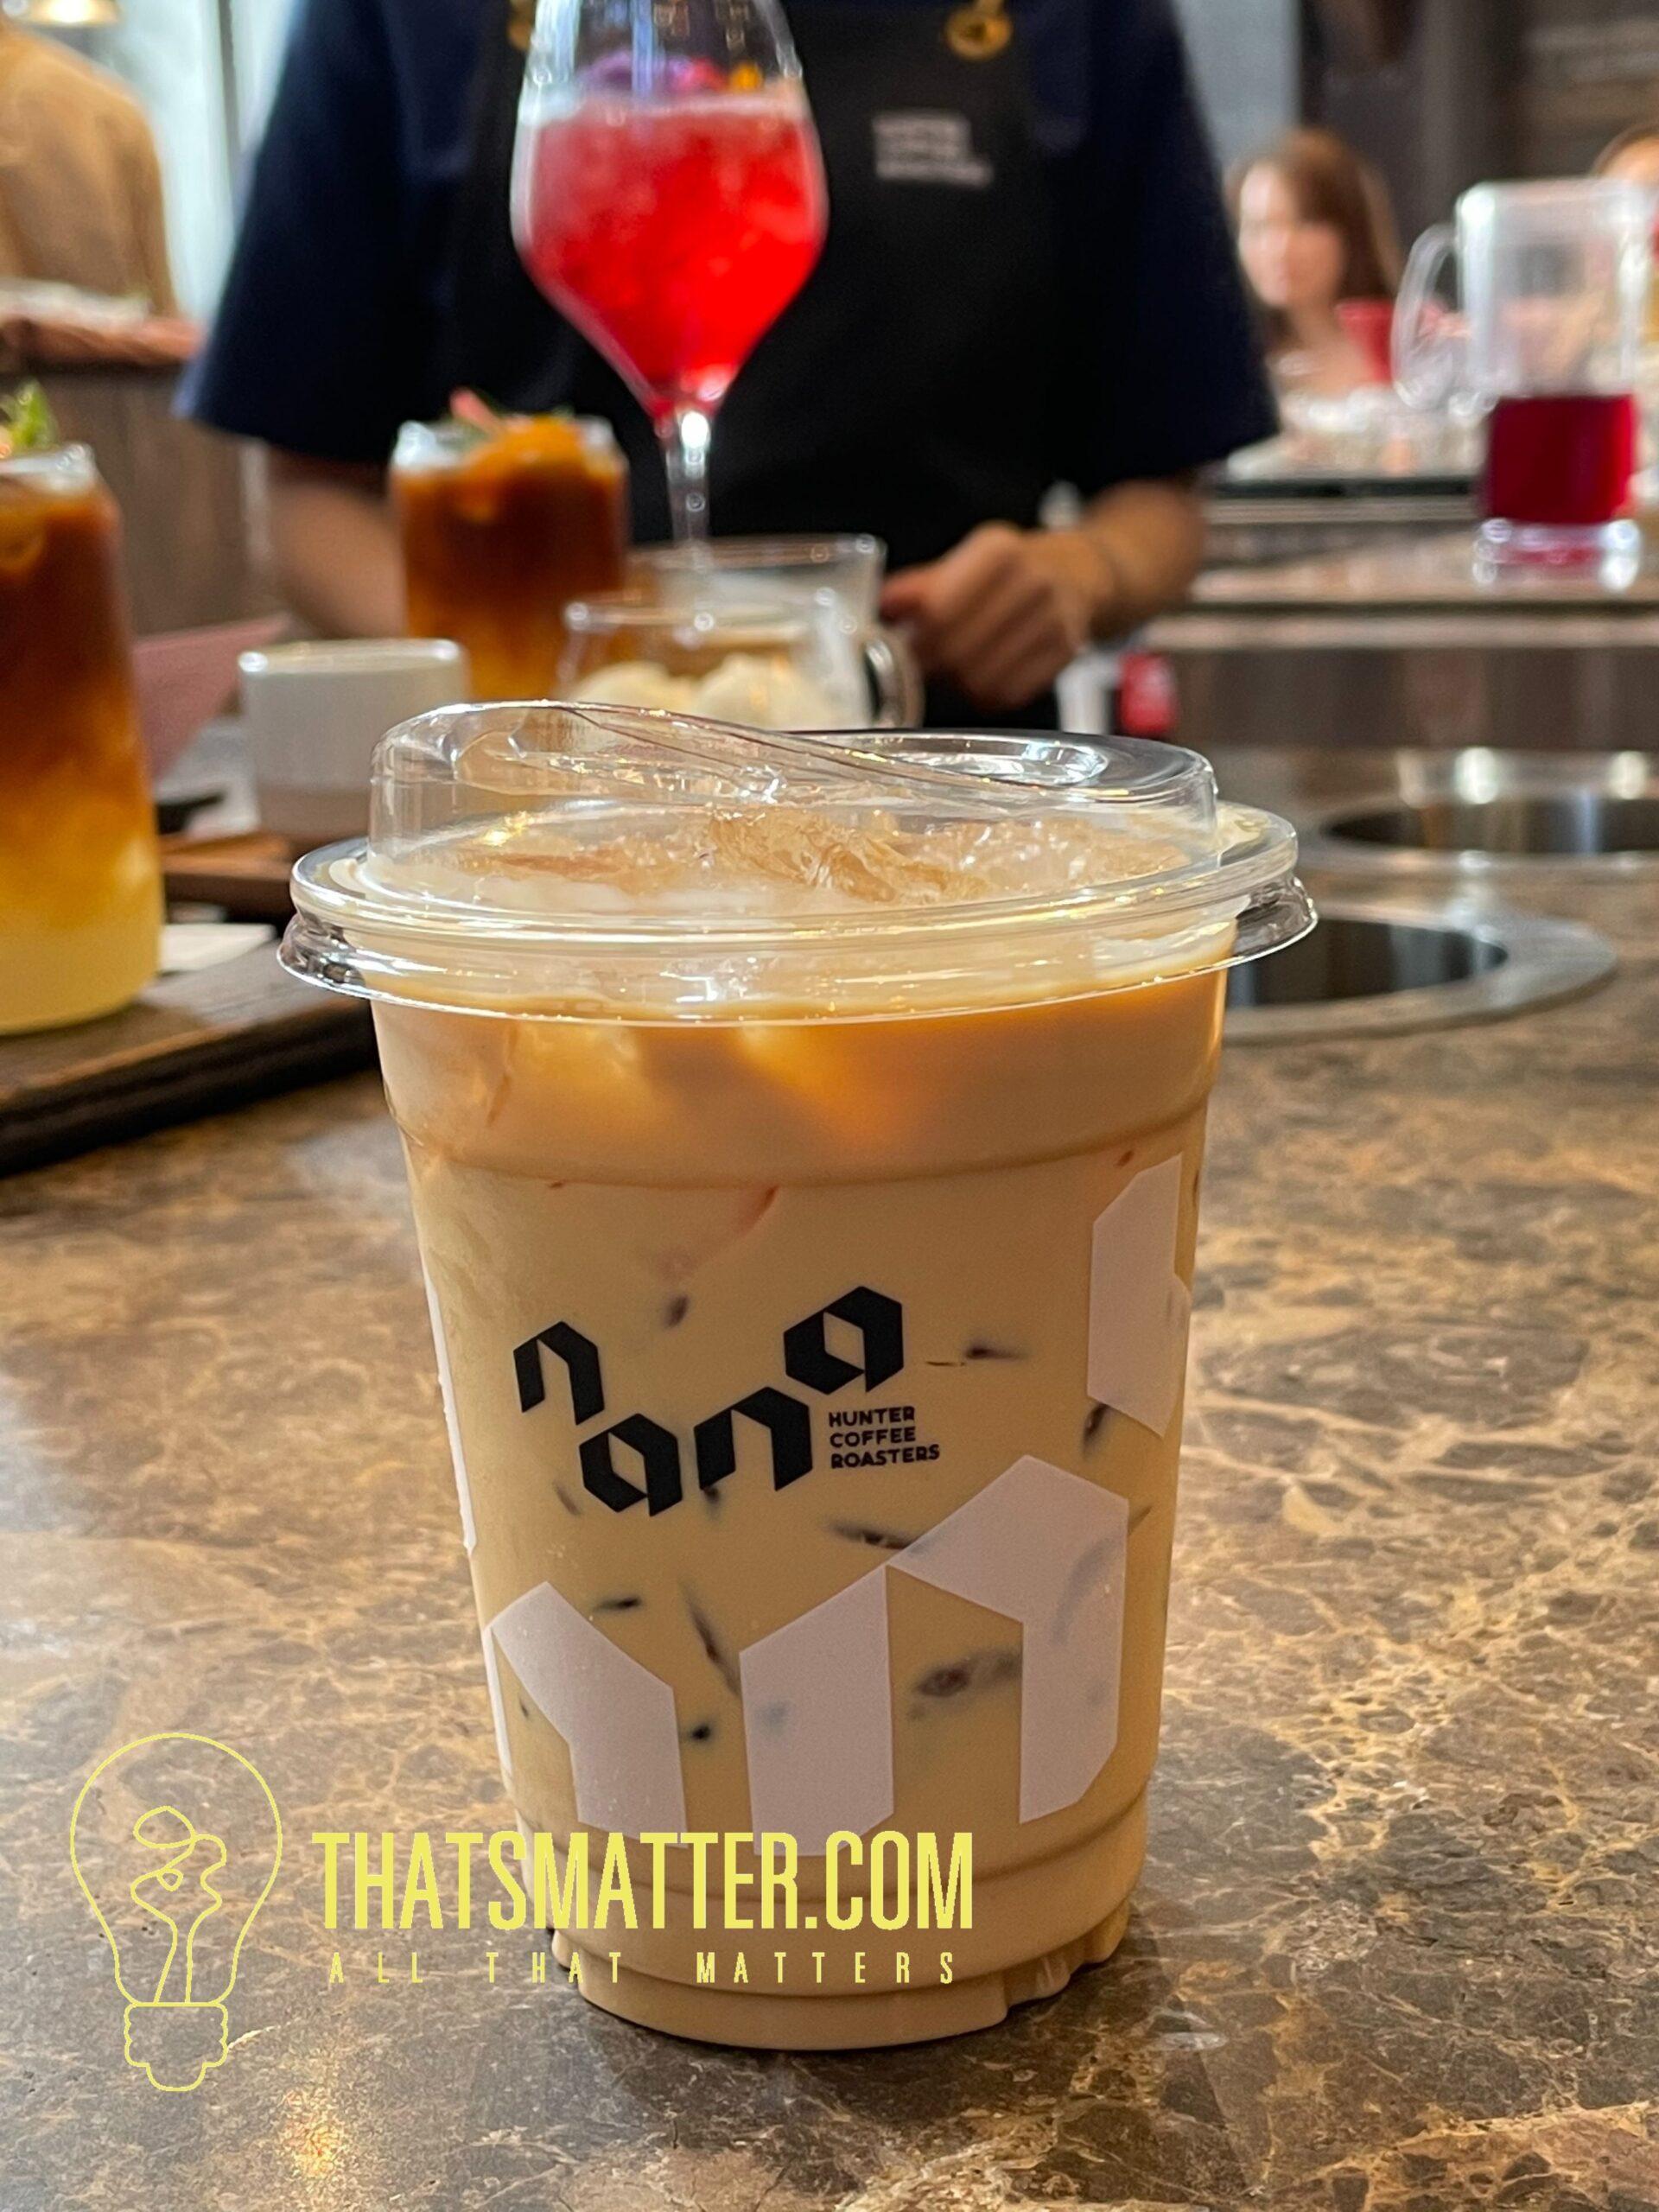 Latte จะเป็นการใช้เมล็ดกาแฟธรรมดา